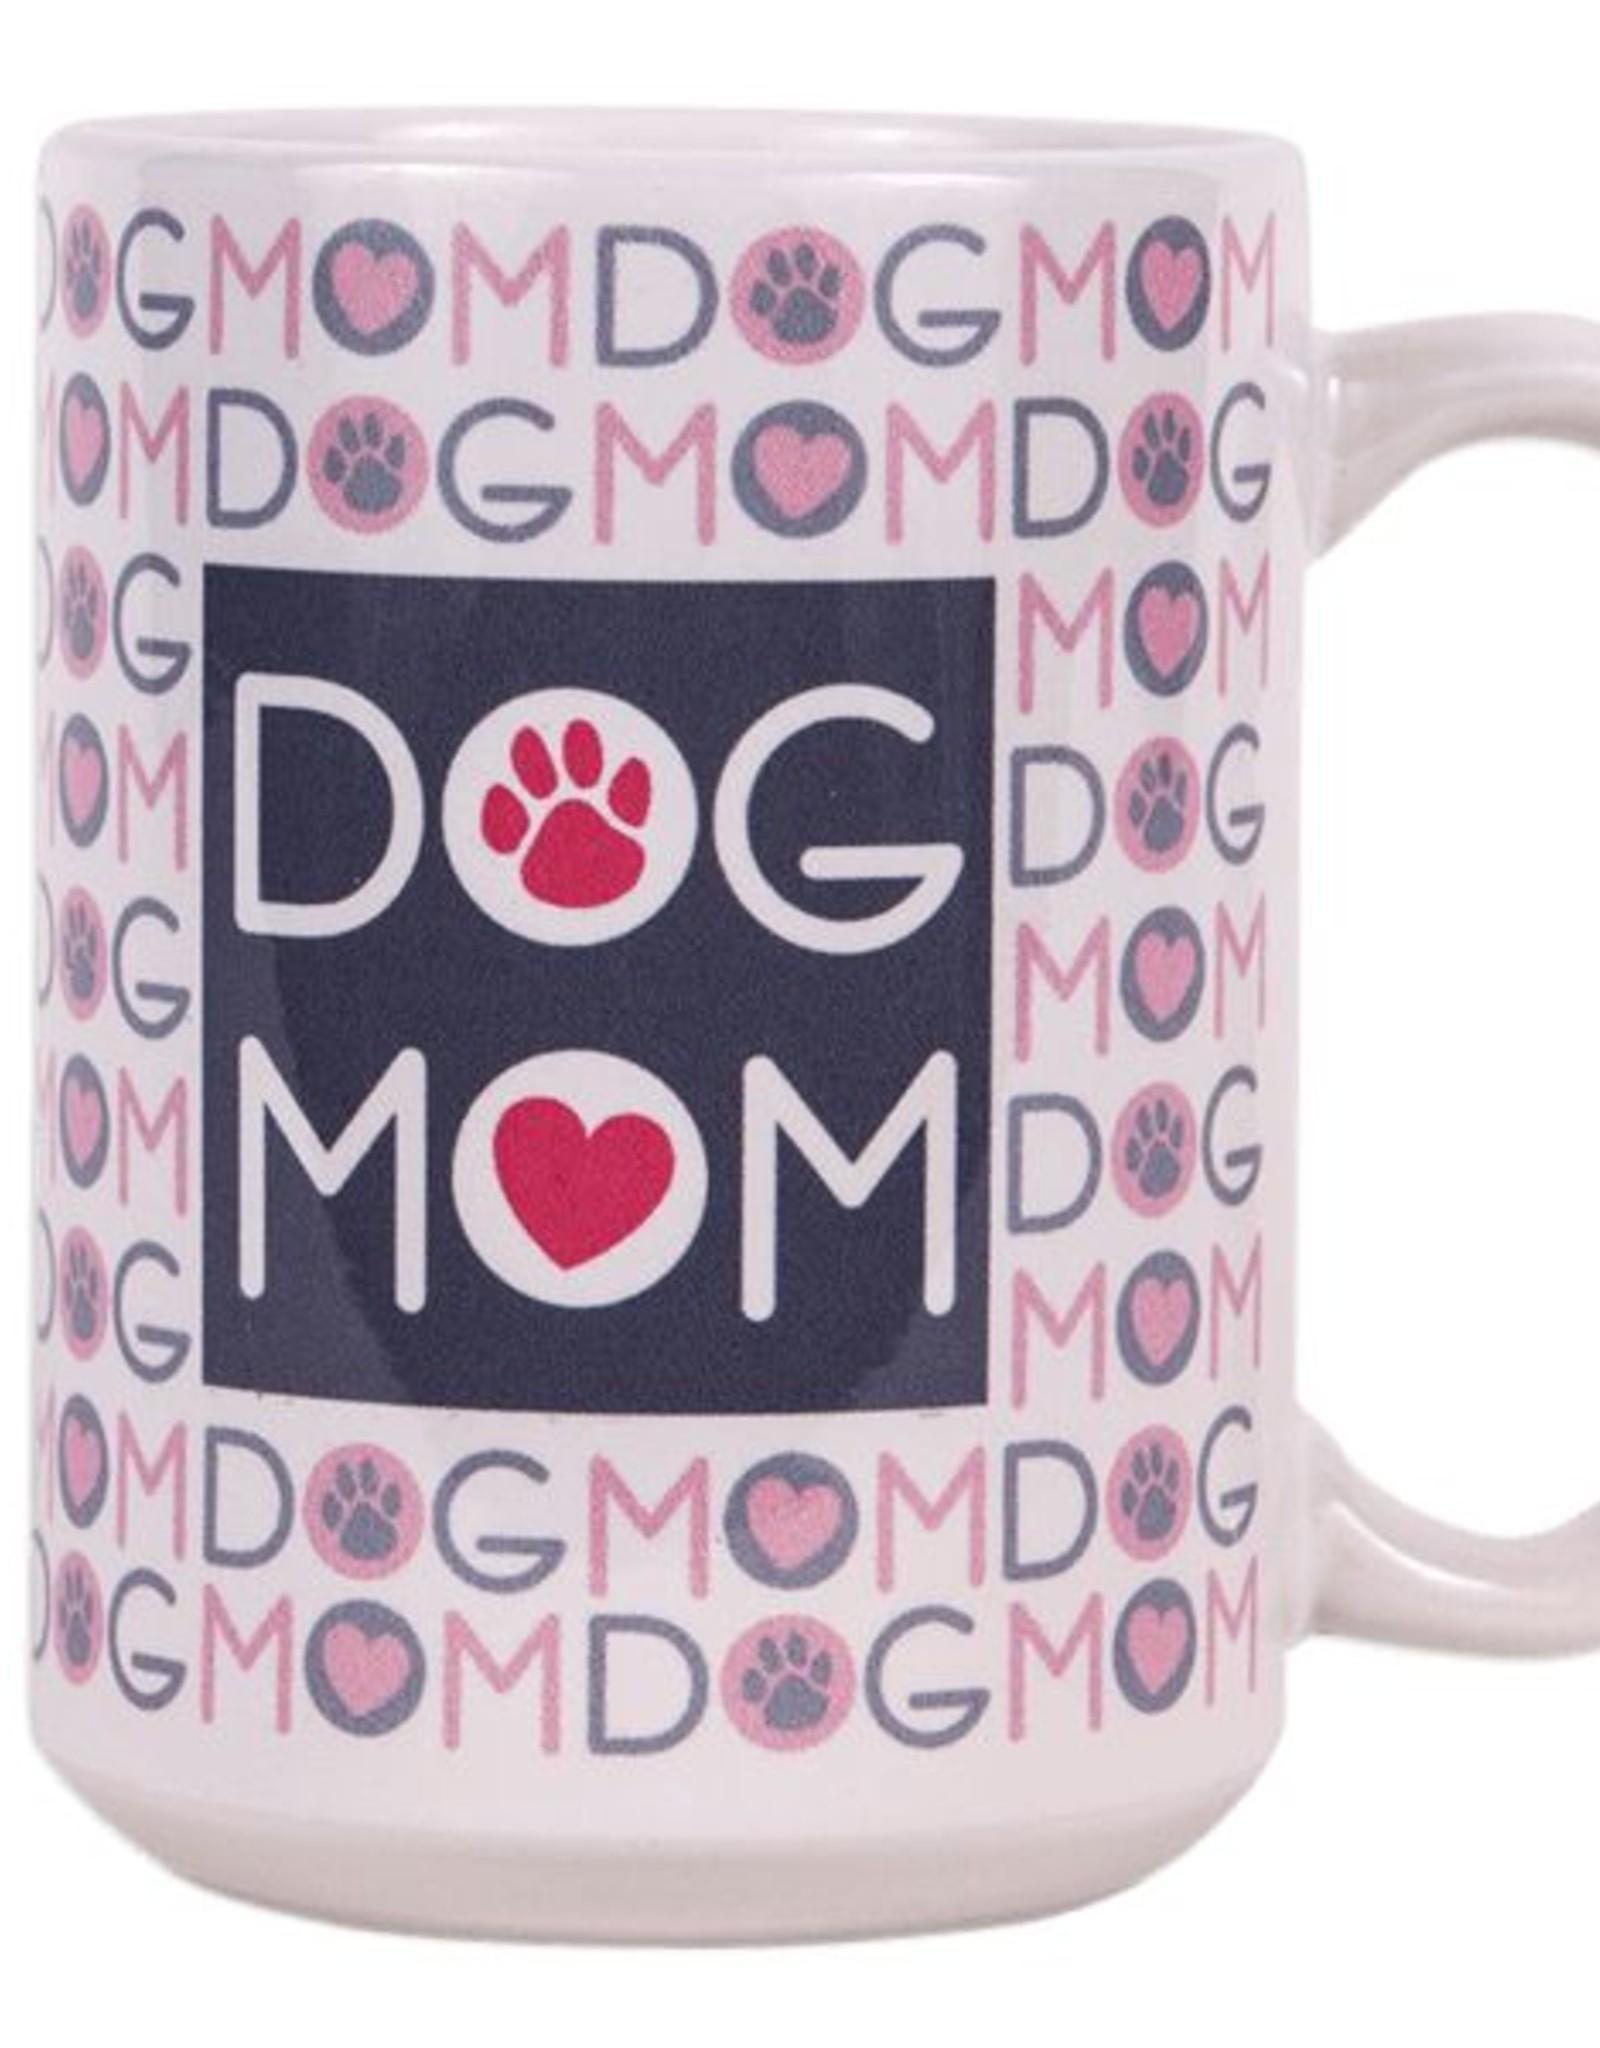 Dog Speak Dog Speak Big Coffee Mug 15oz - Dog Mom